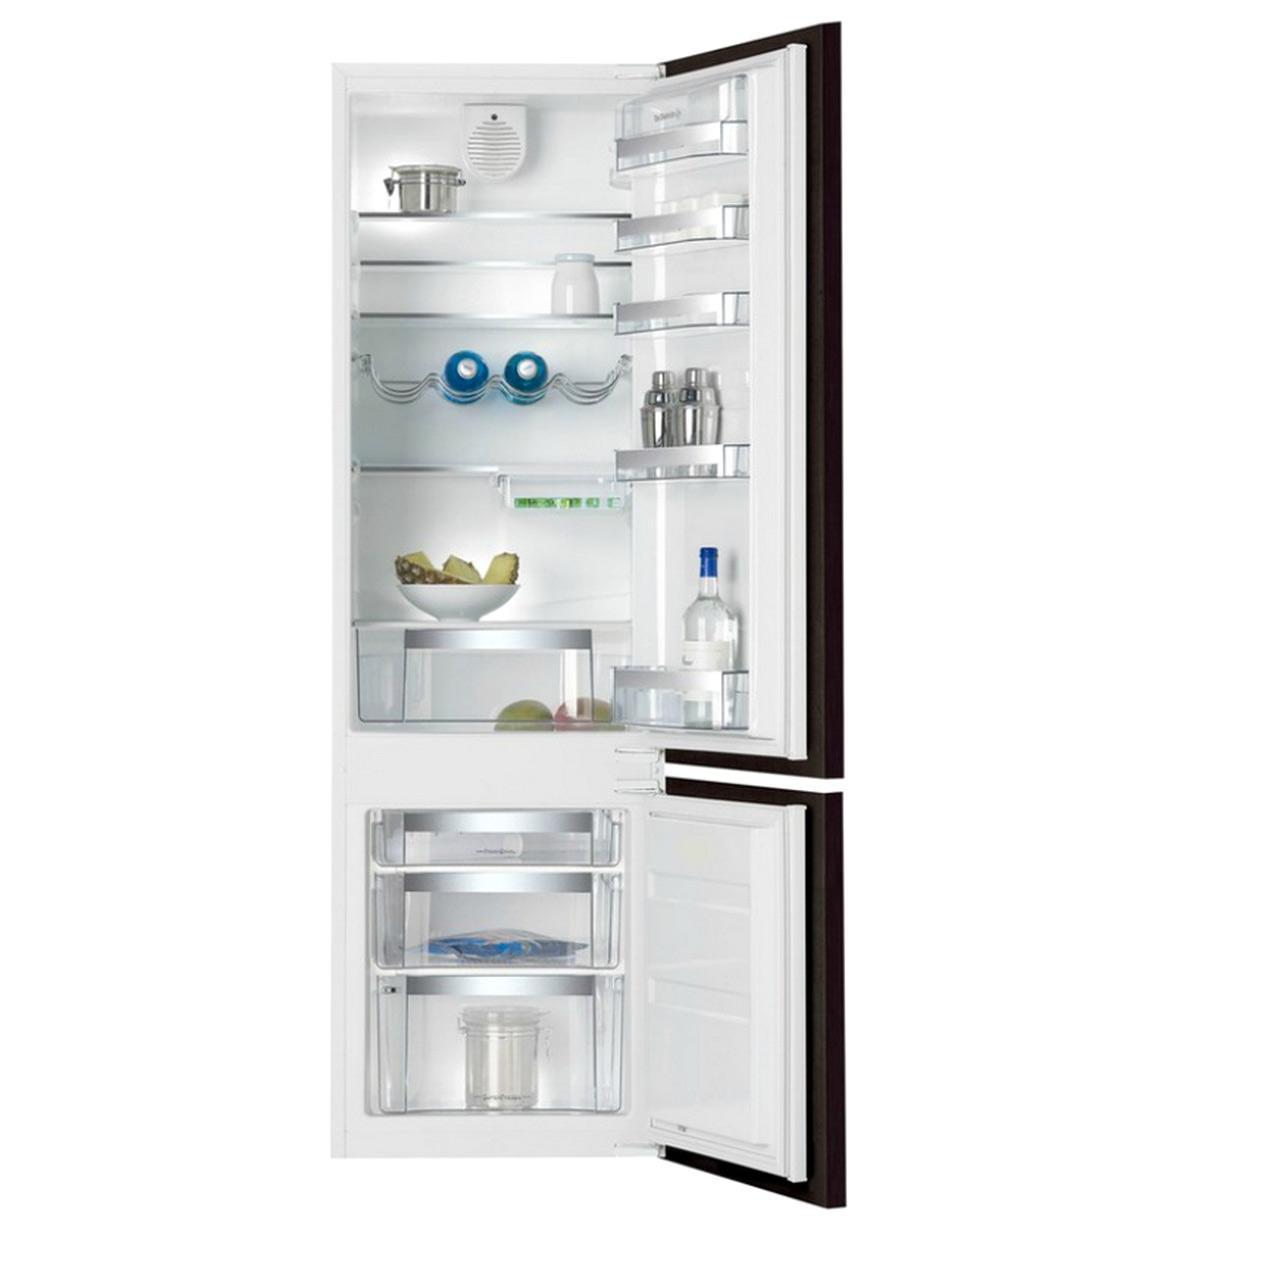 Réfrigérateur intégrable double porte - De Dietrich - DRC1212J